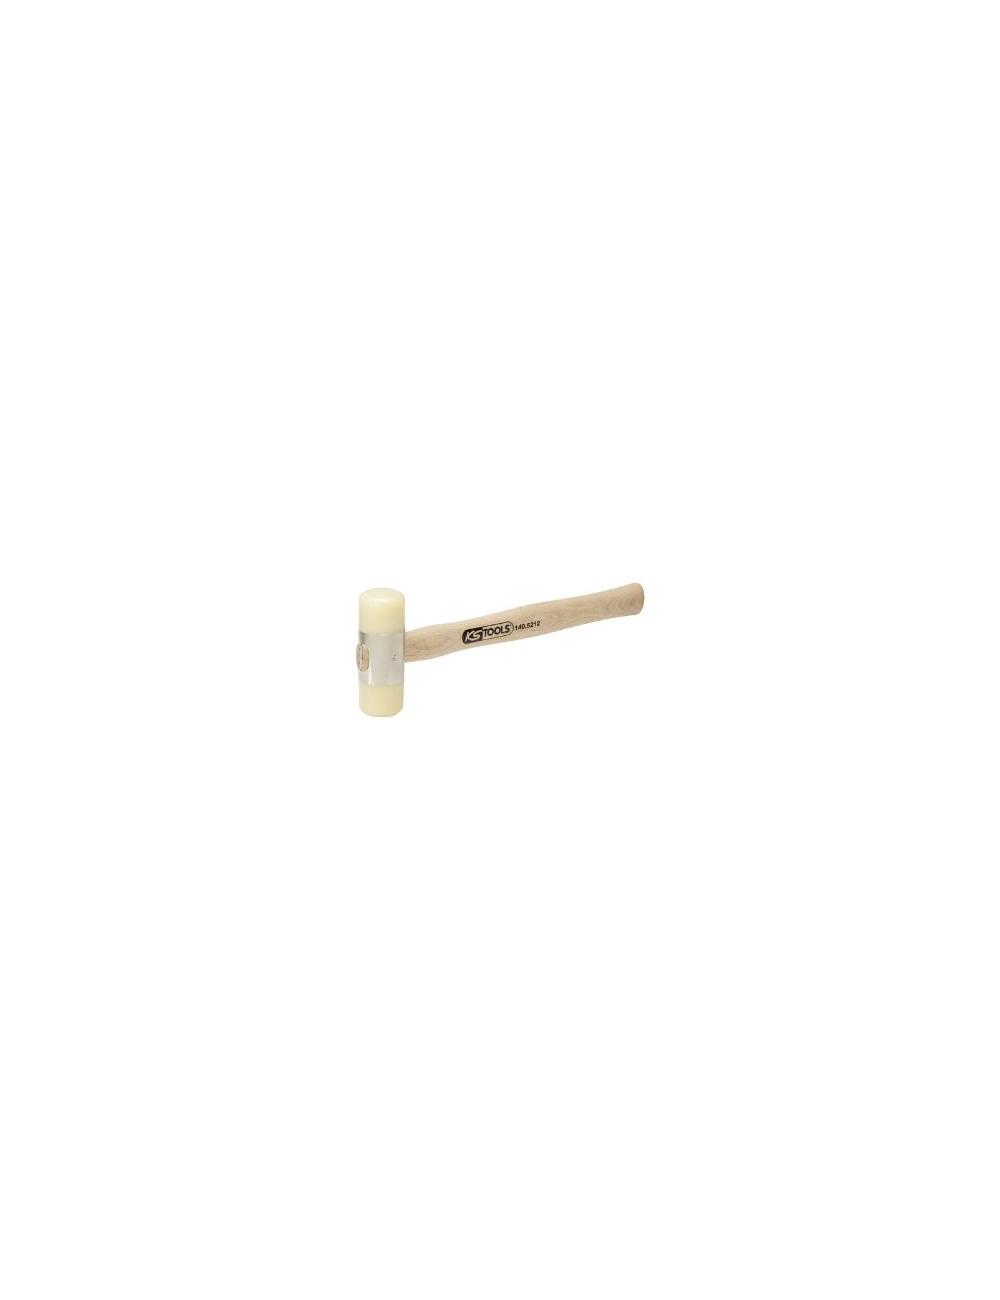 Maillet à embout nylon 340g - tête Ø35mm - avec manche frêne galbé